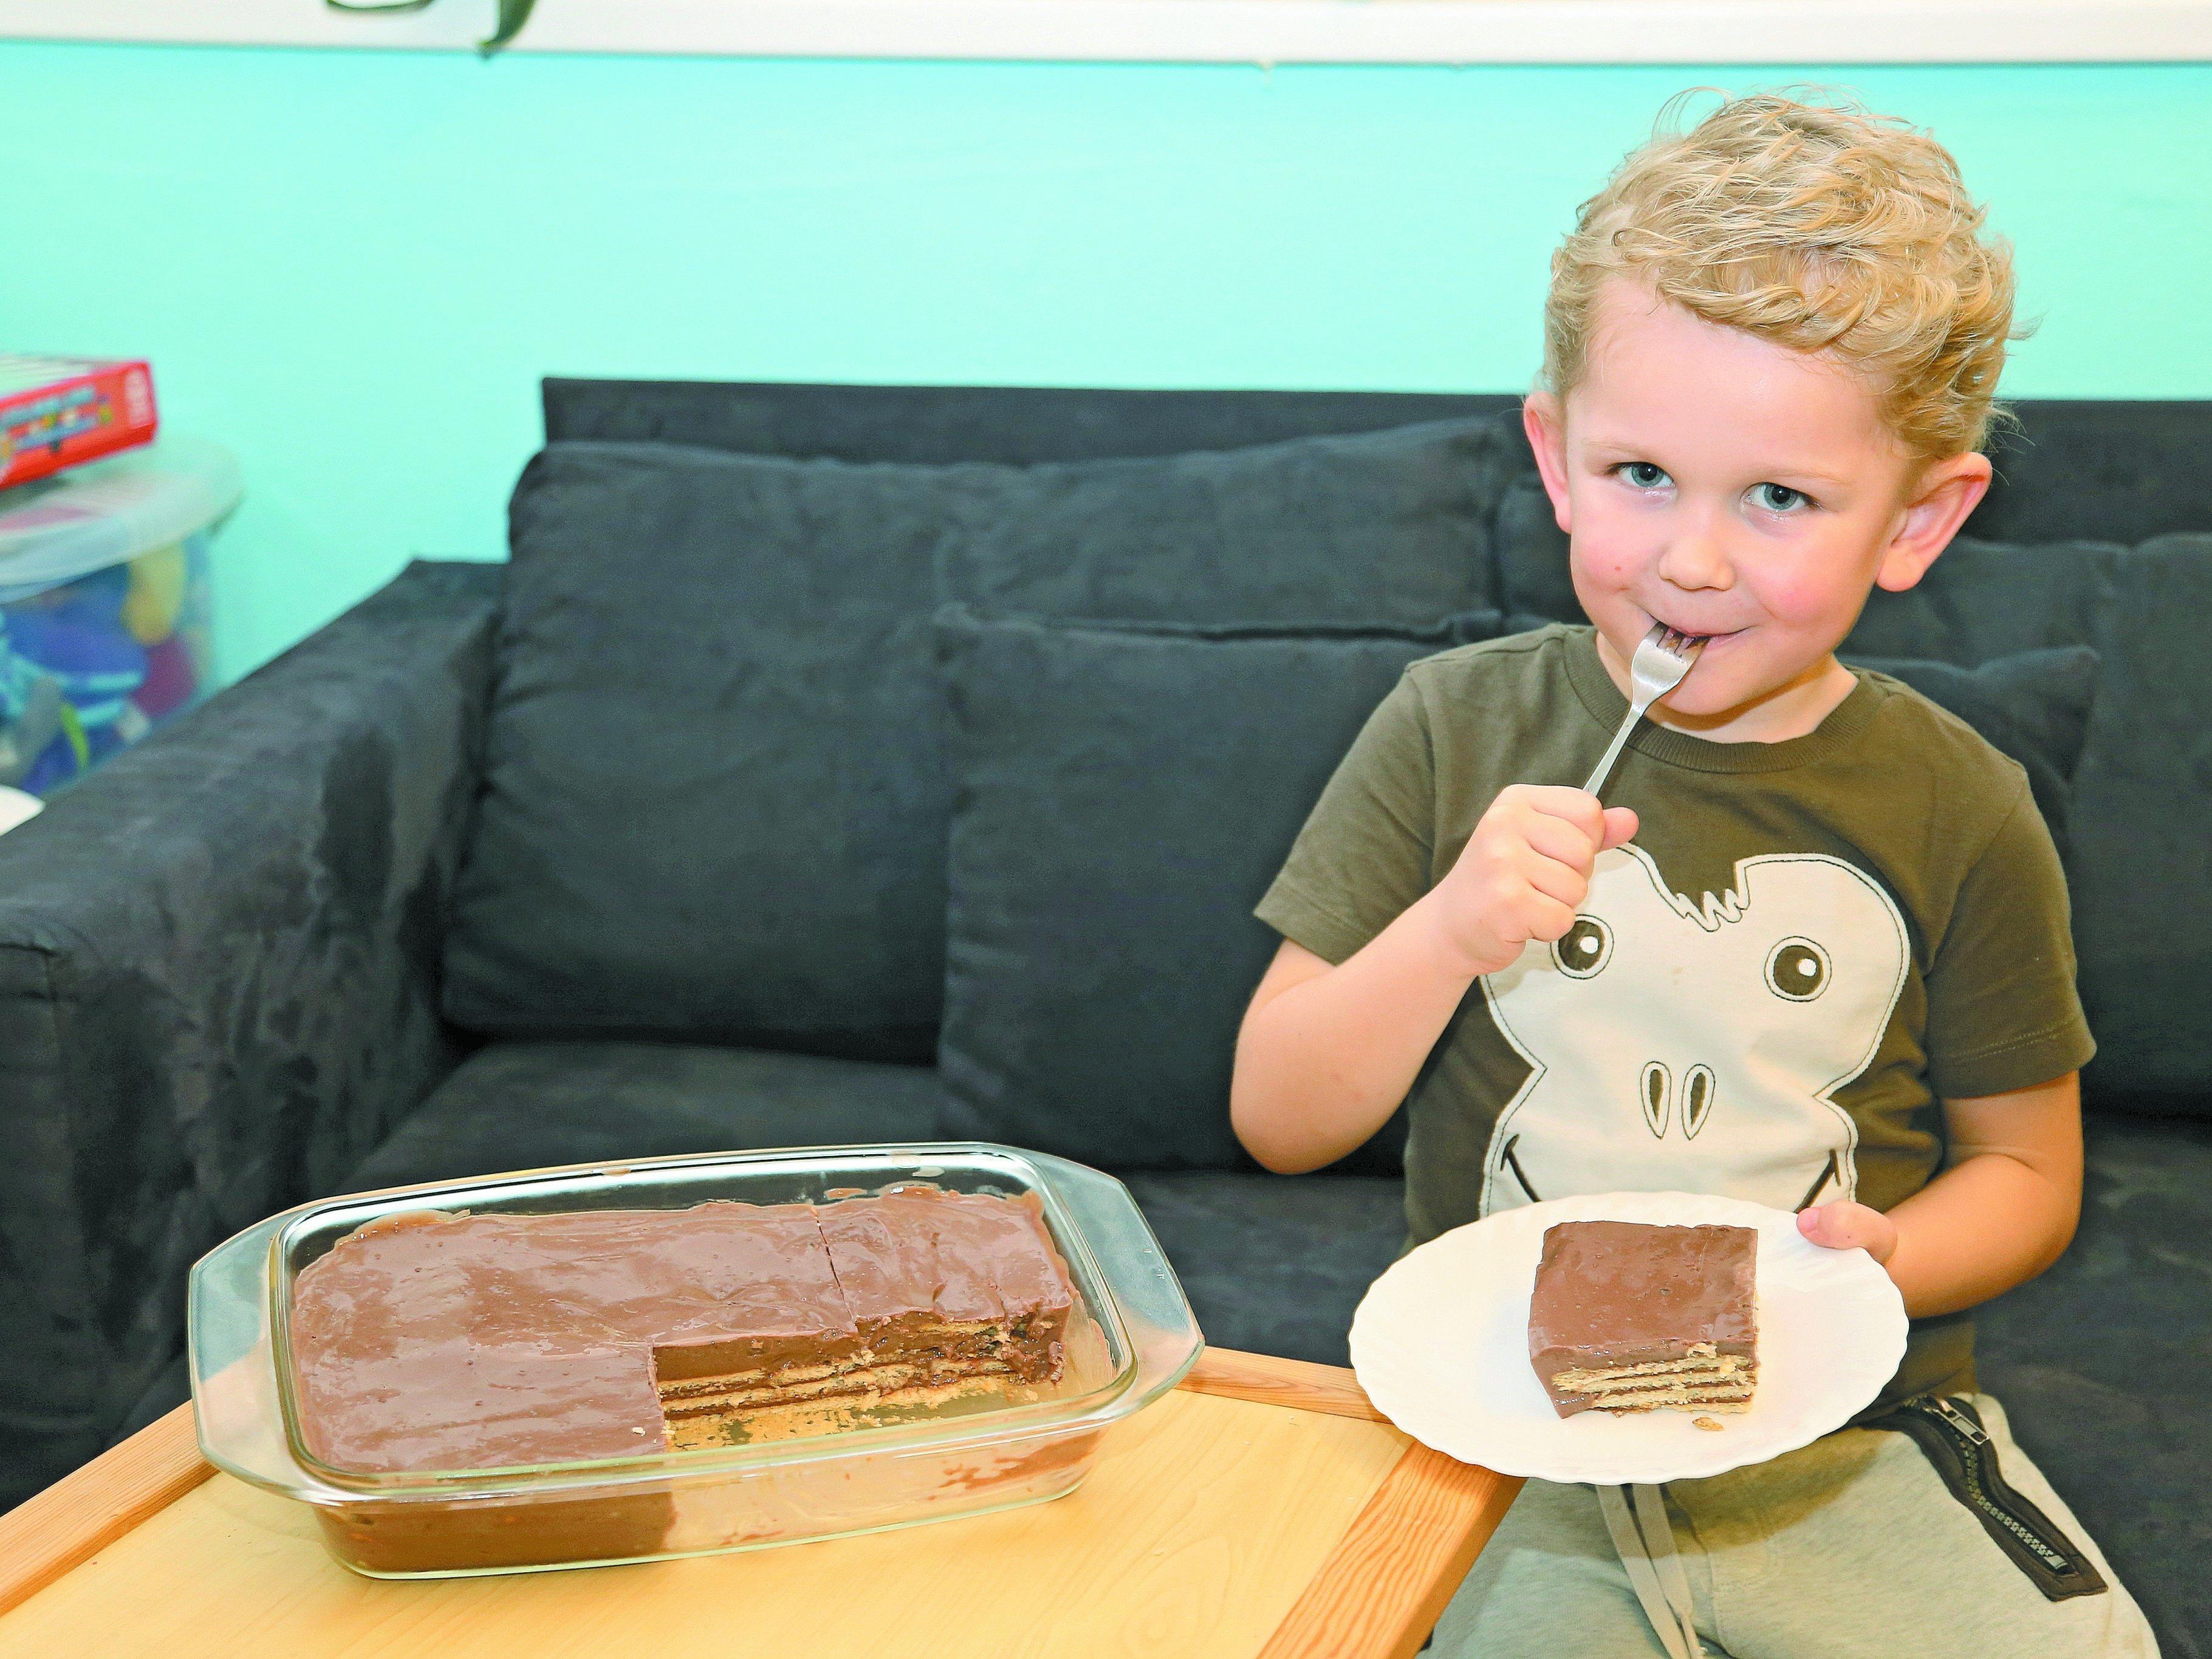 Der Lohn für die Arbeit: Jason Durell lässt sich den Kuchen schmecken.